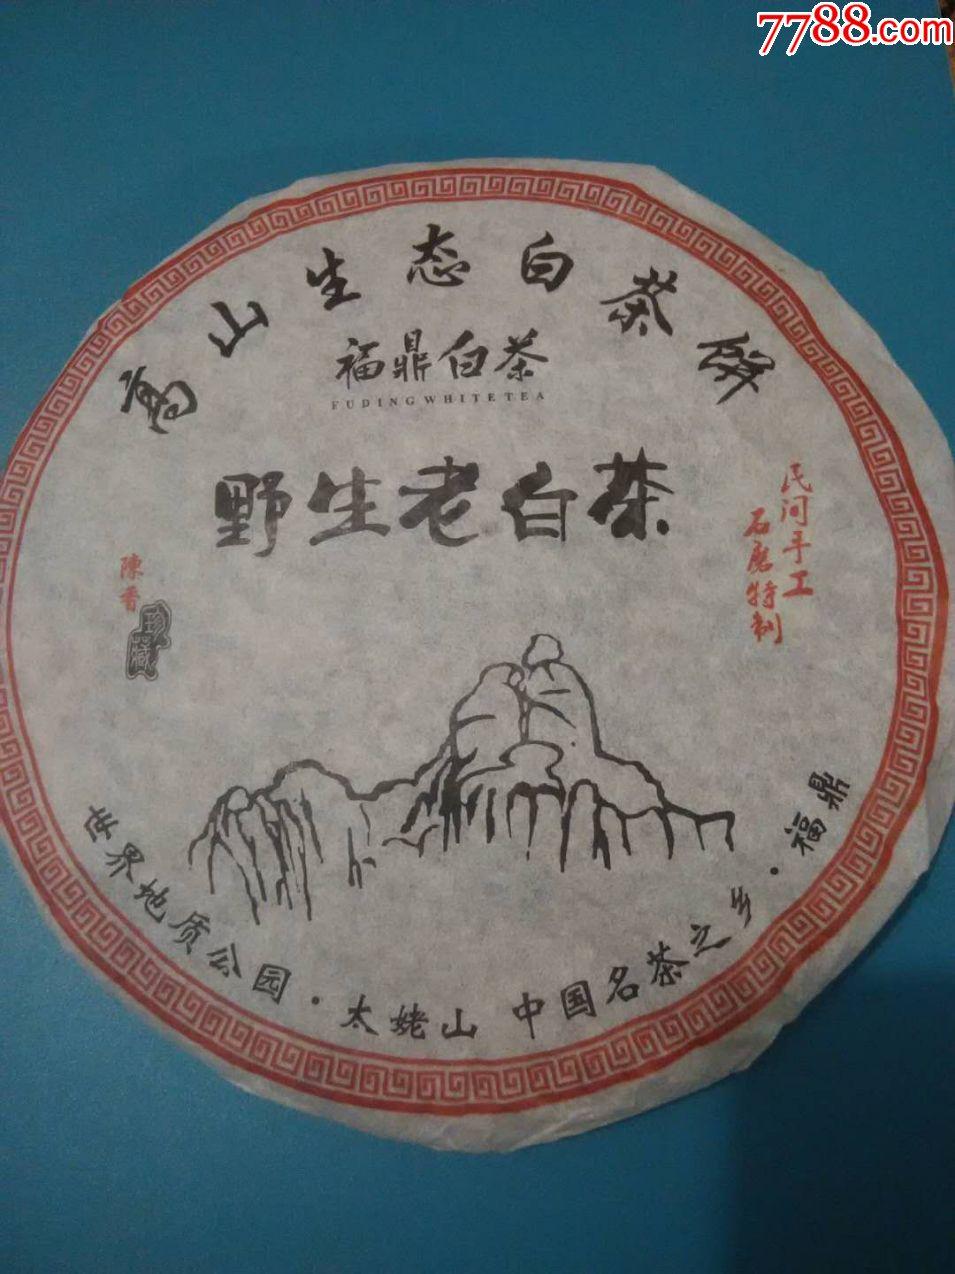 福鼎白茶350g壹�_第1��_